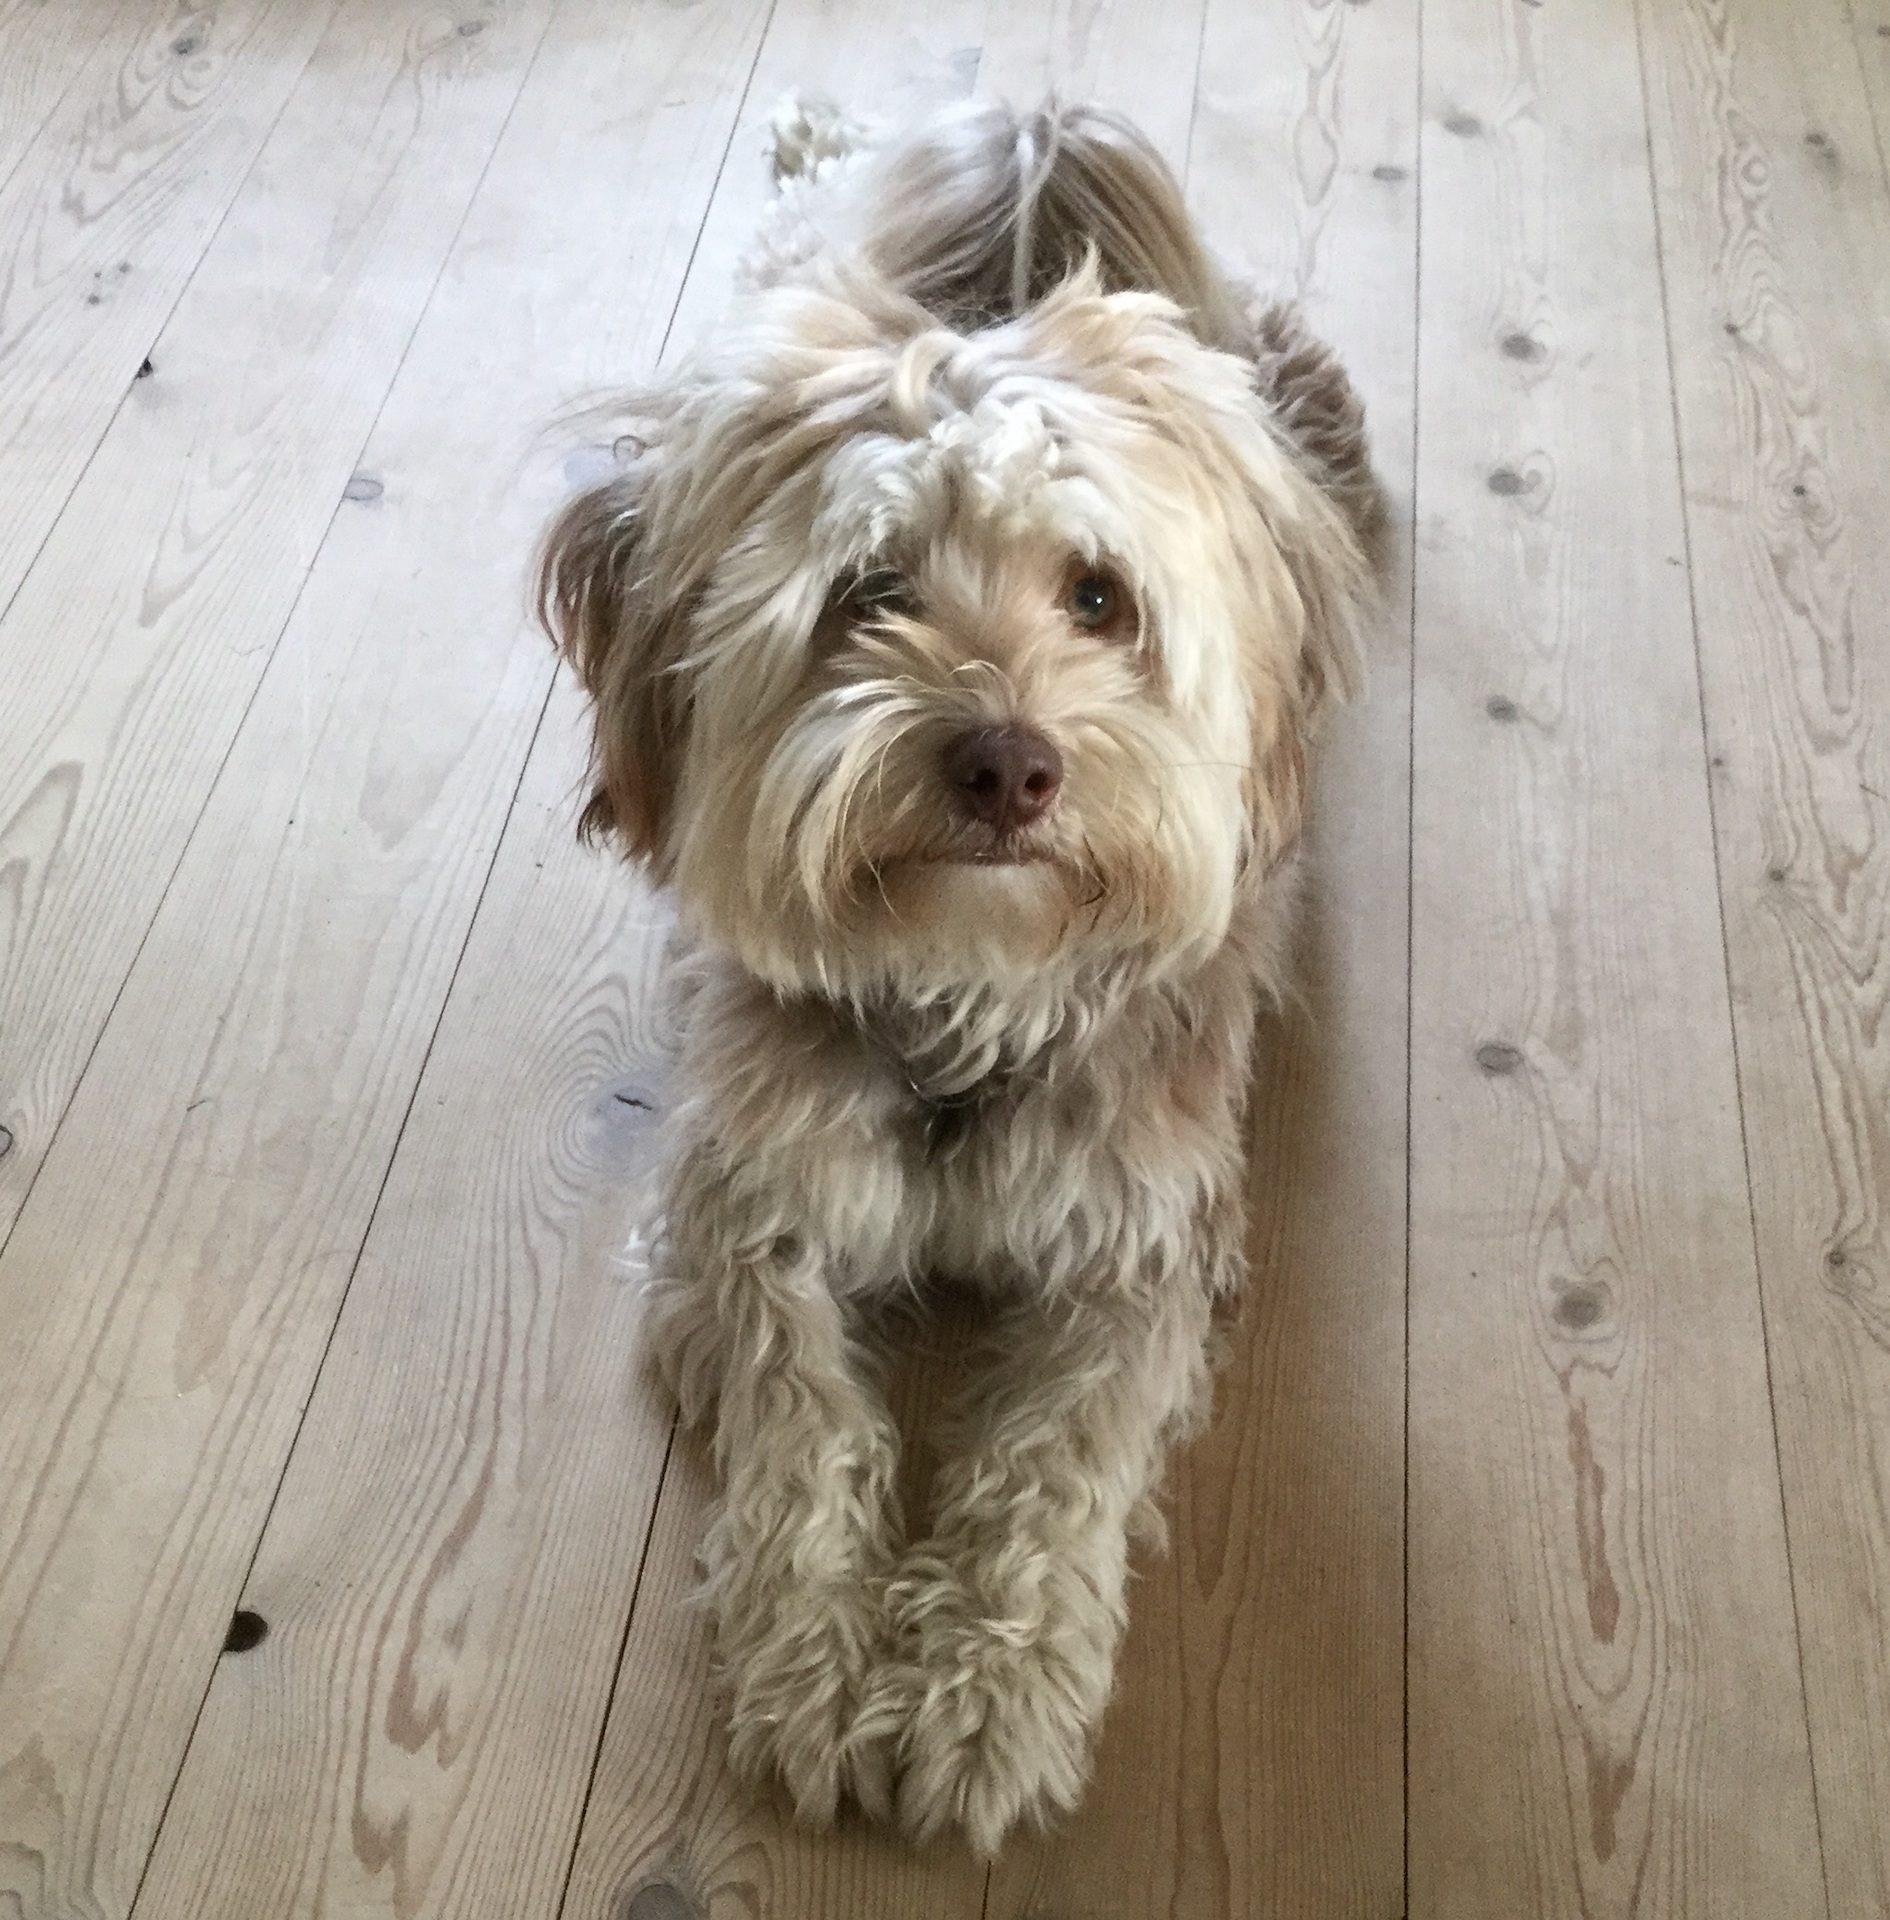 σκύλος, Κατοικίδιο ζώο, Σύντροφος, Κοίτα, γούνα, χώμα, ξύλο - Wallpapers HD - Professor-falken.com